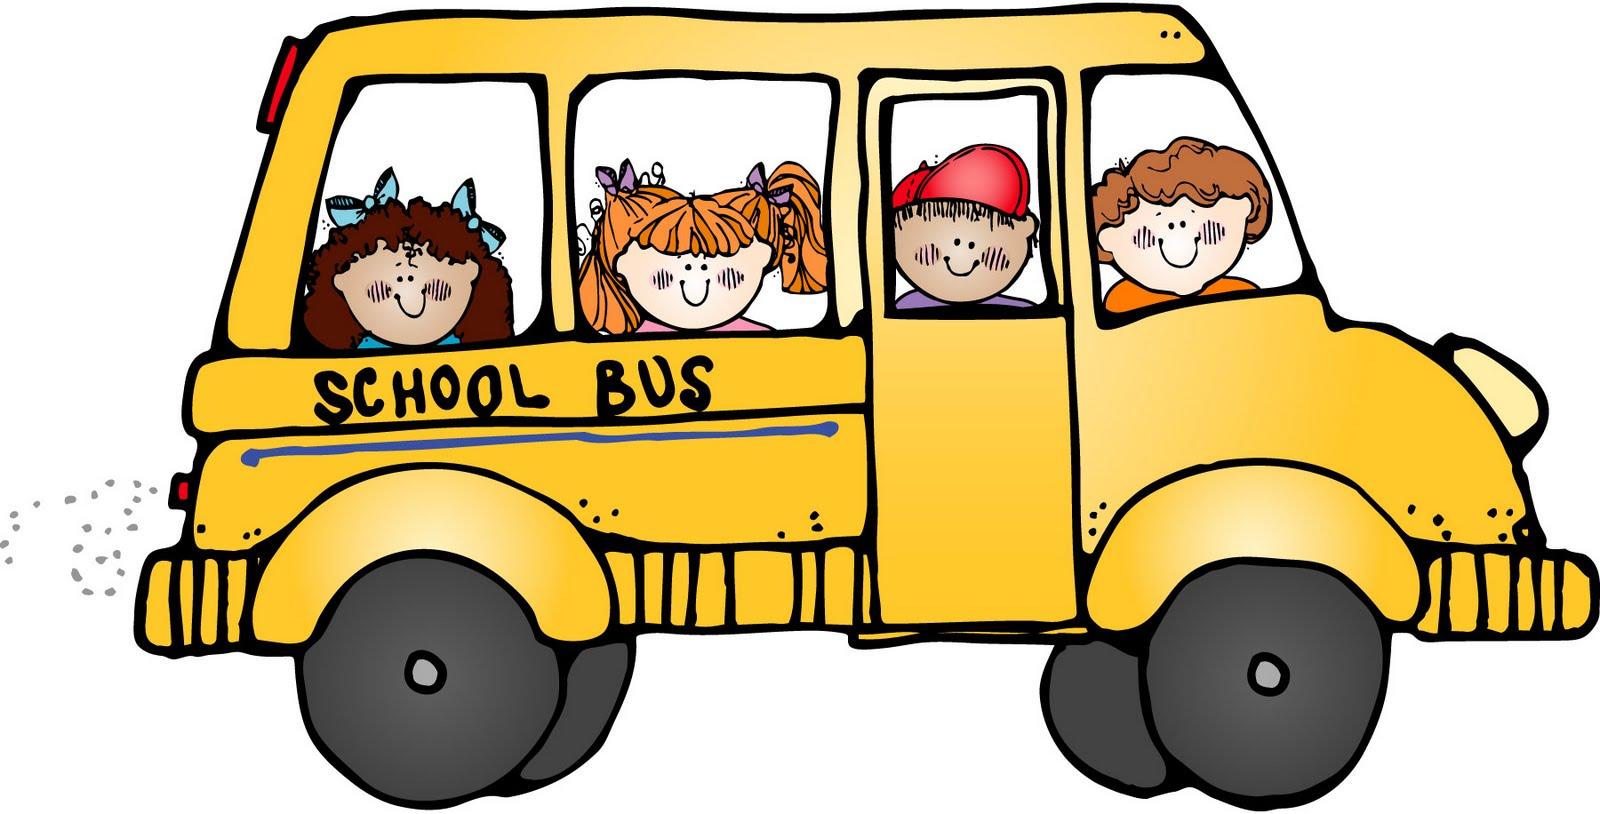 School clip art free. Bus clipart cute